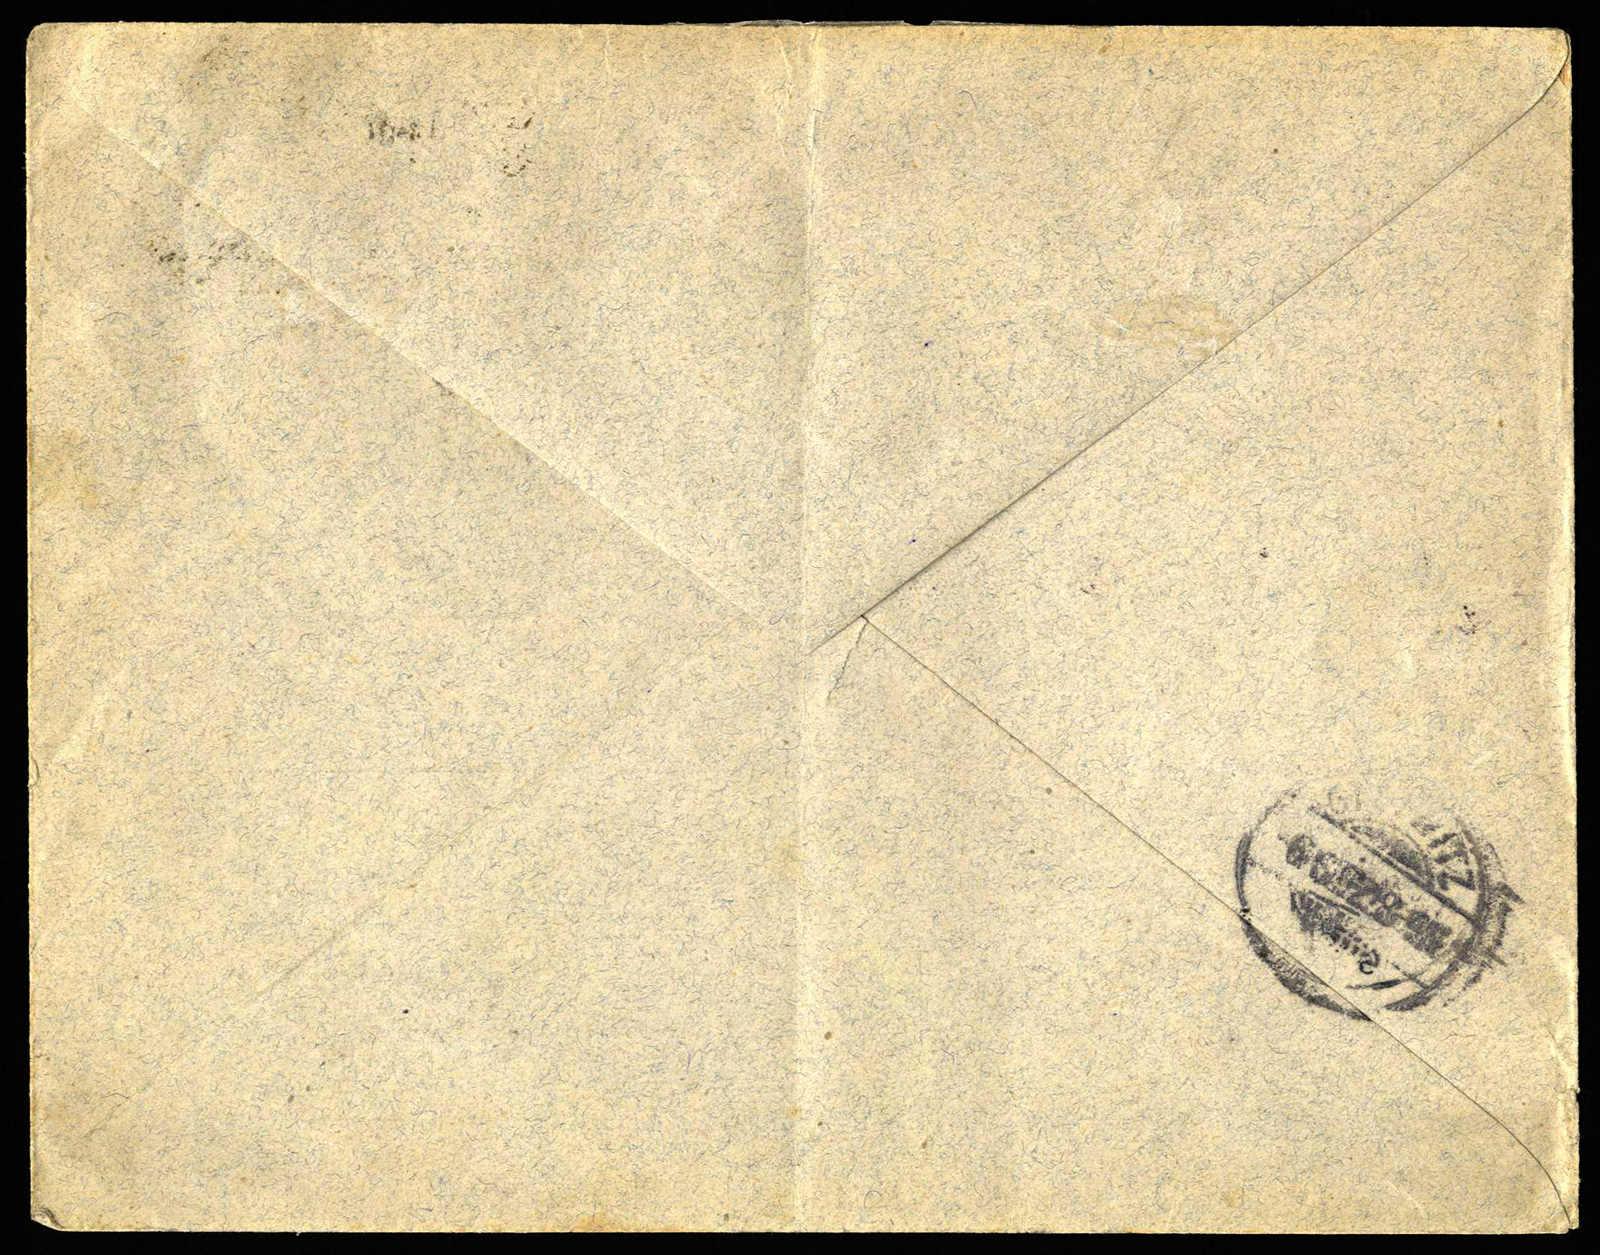 Lot 958 - andere gebiete Palästina Österreichische Levante Postämter -  HA HARMERS AUCTIONS S.A. Treasure Hunt 3